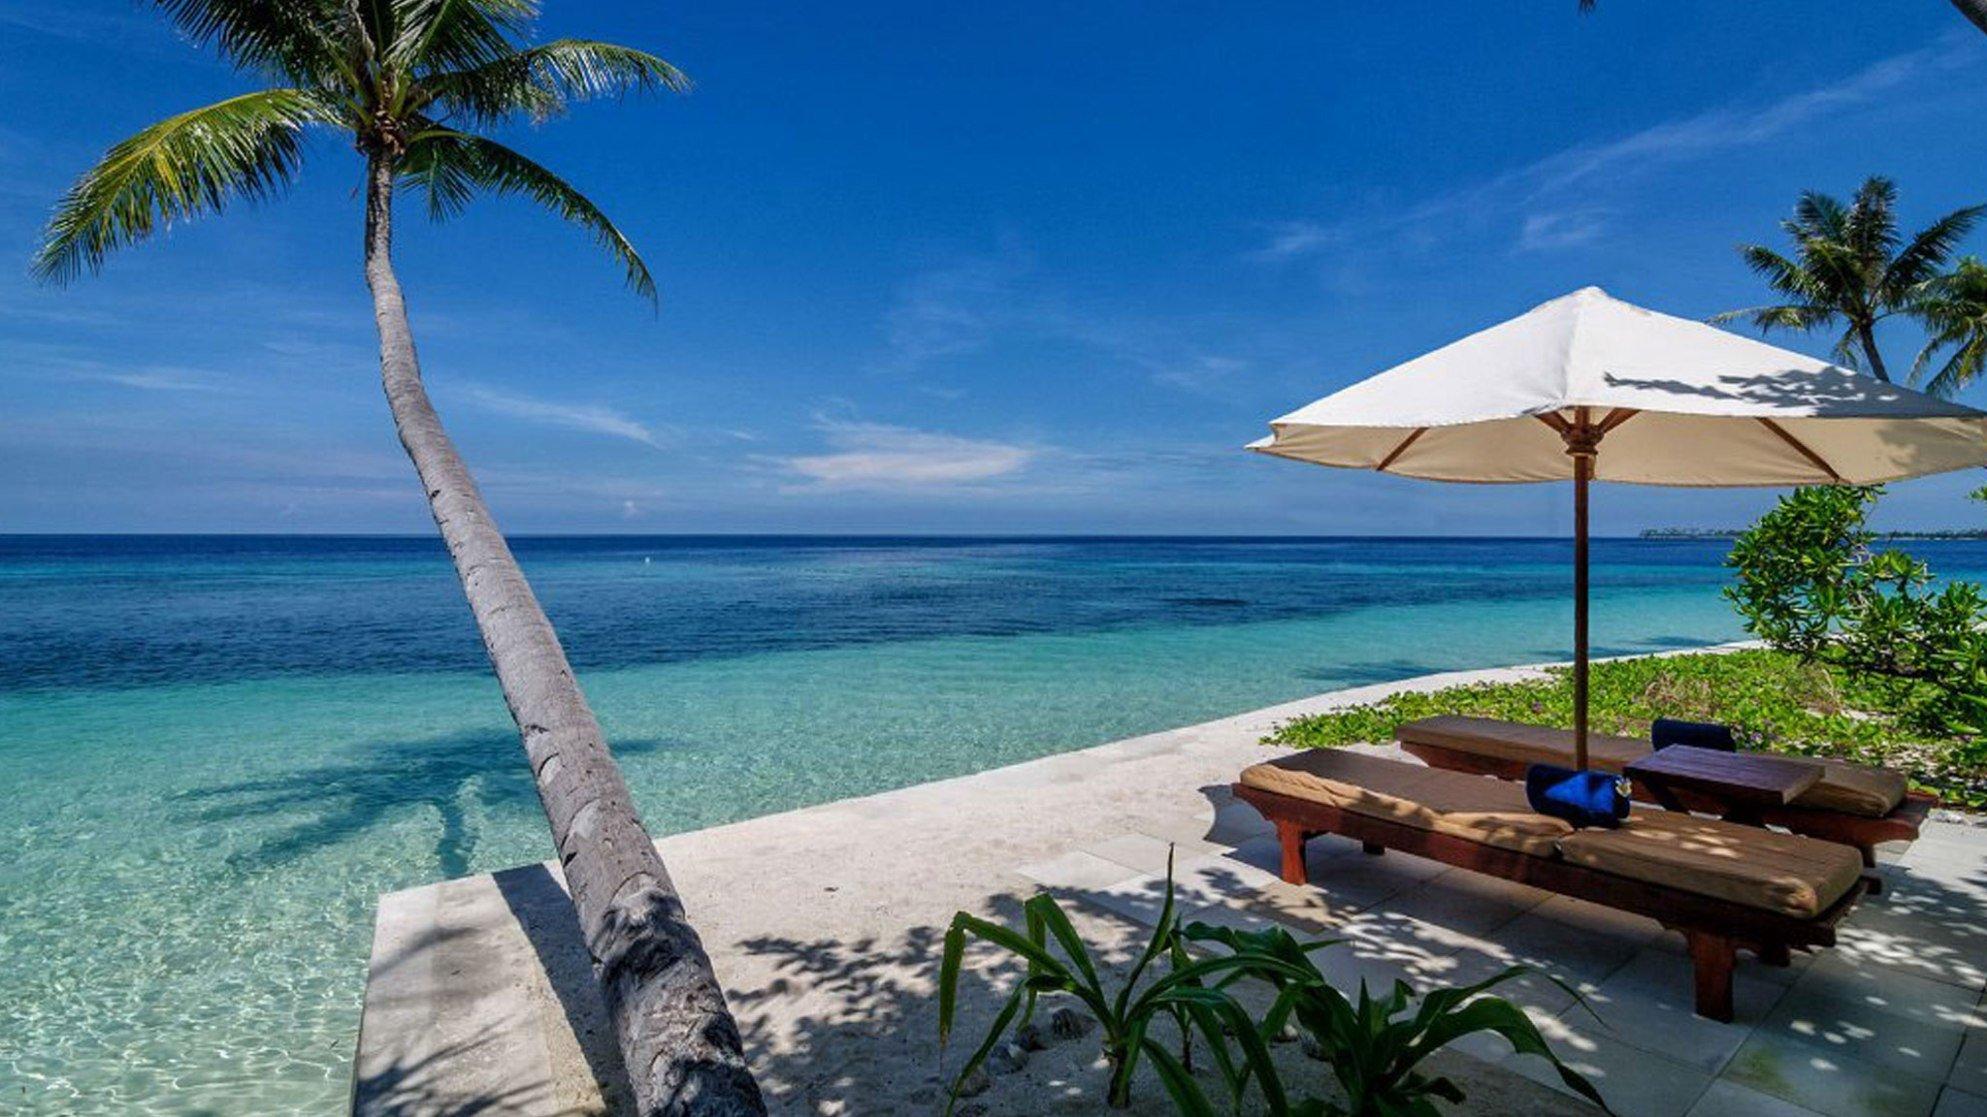 Wakatobi Hoga Island Resort